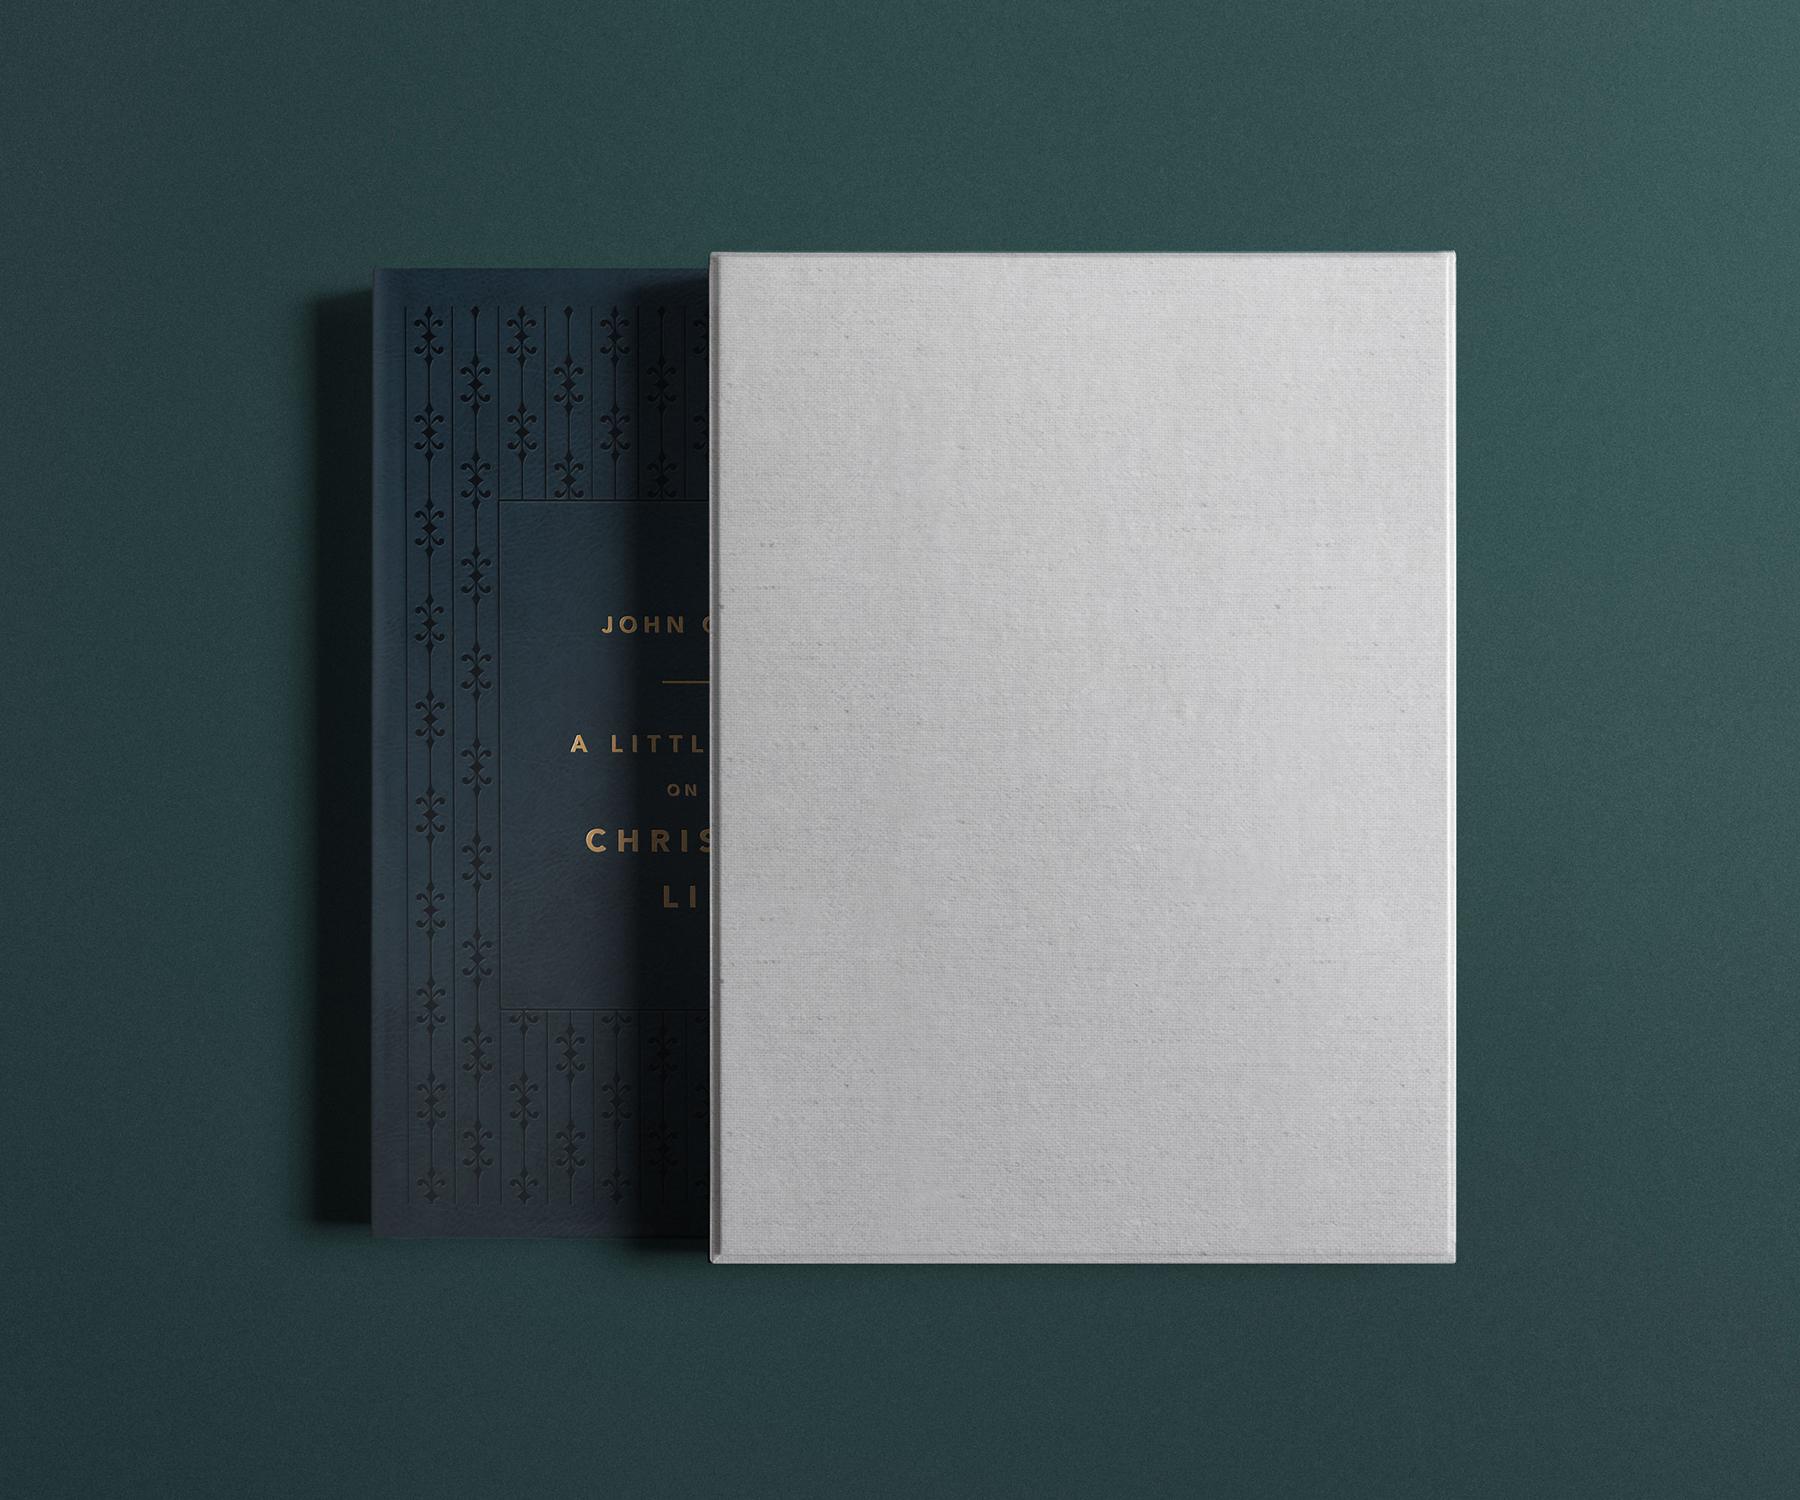 tforrester_LIG-572_LittleBook_9